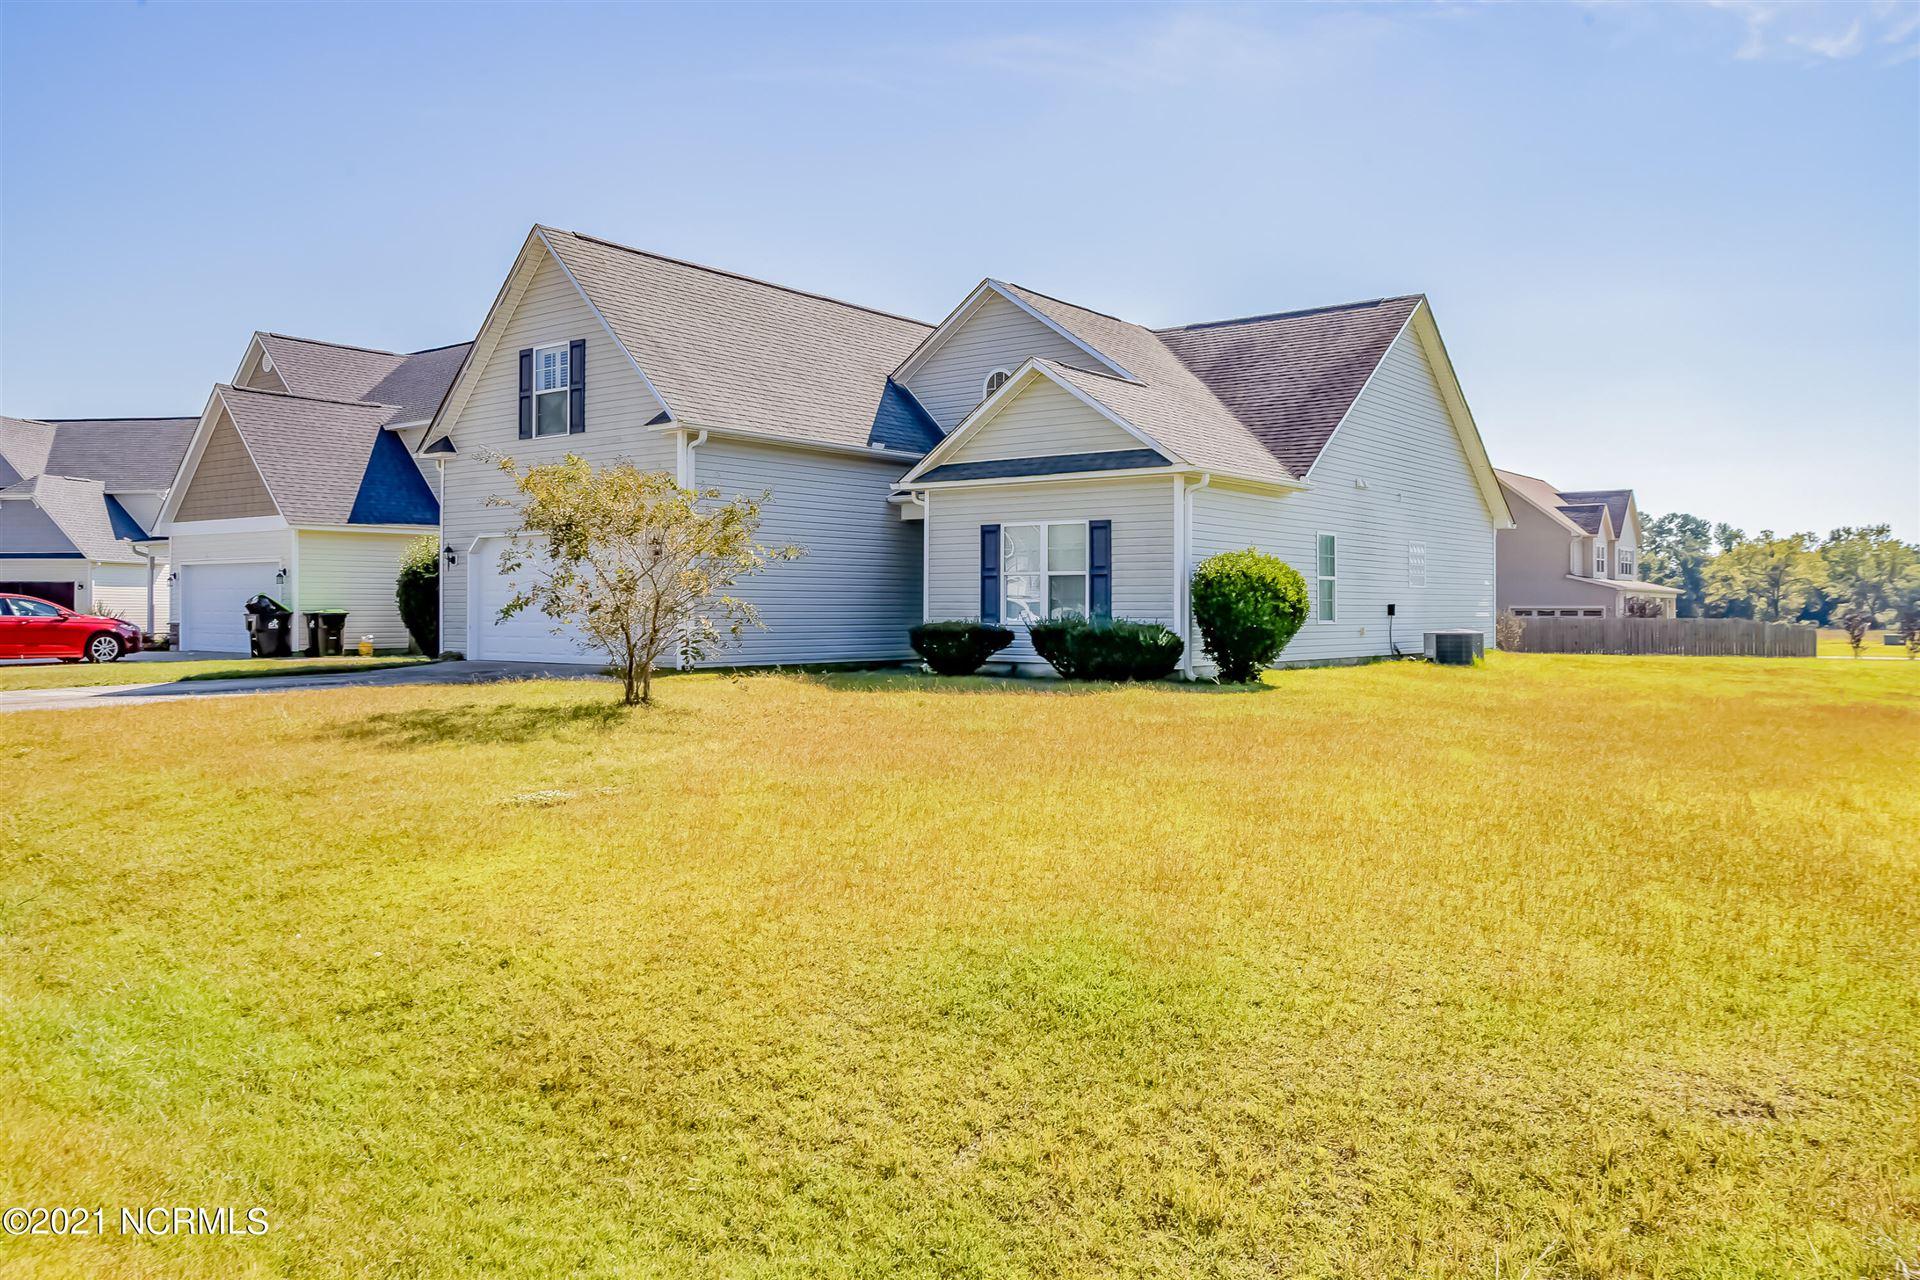 Photo of 200 Suzie Court, Richlands, NC 28574 (MLS # 100293377)